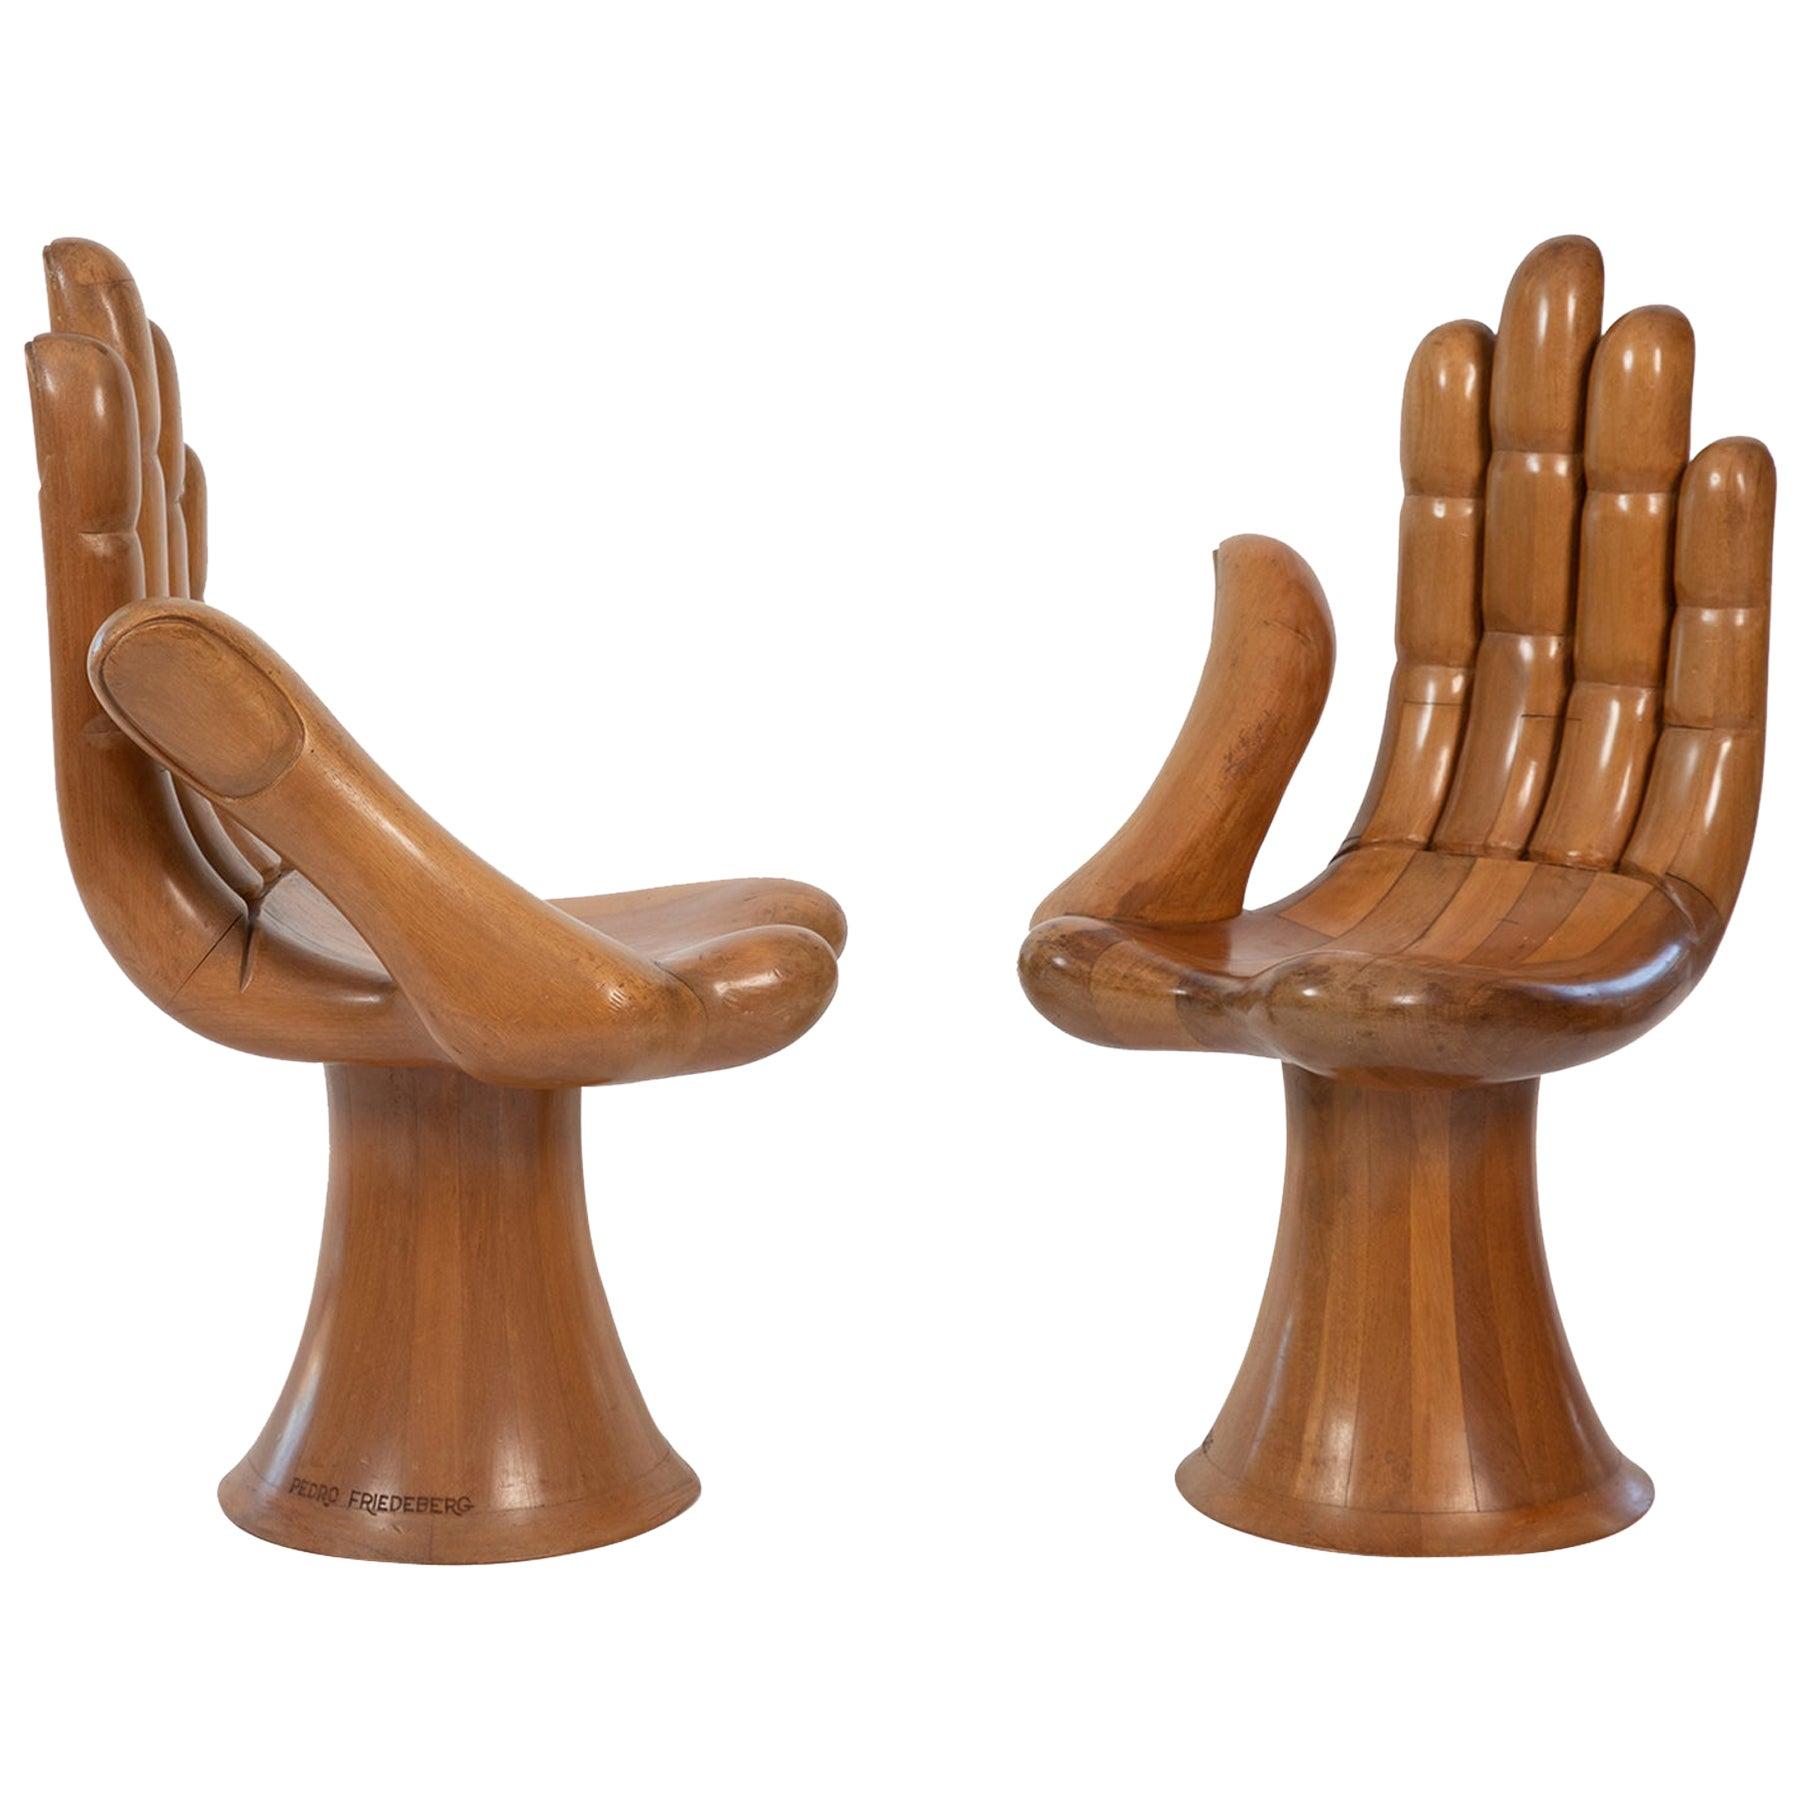 Pedro Friedeberg Hand Chairs